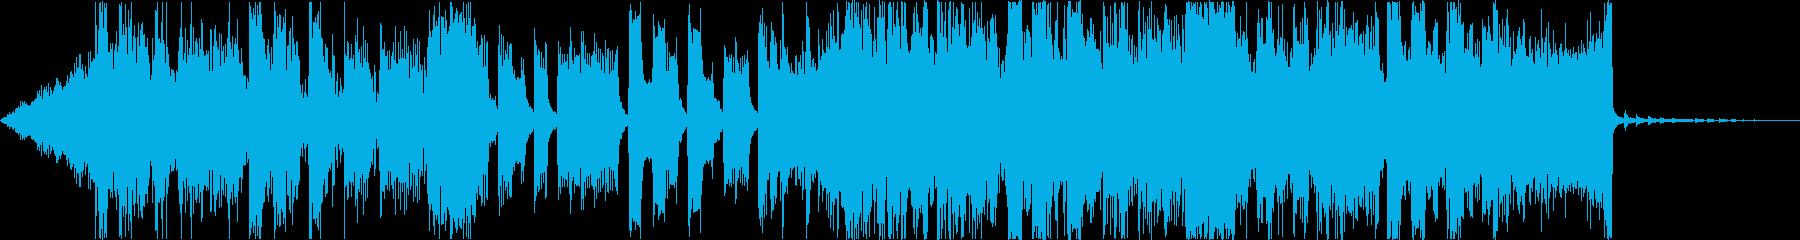 緊迫デジタルダークシネマティックEDMdの再生済みの波形